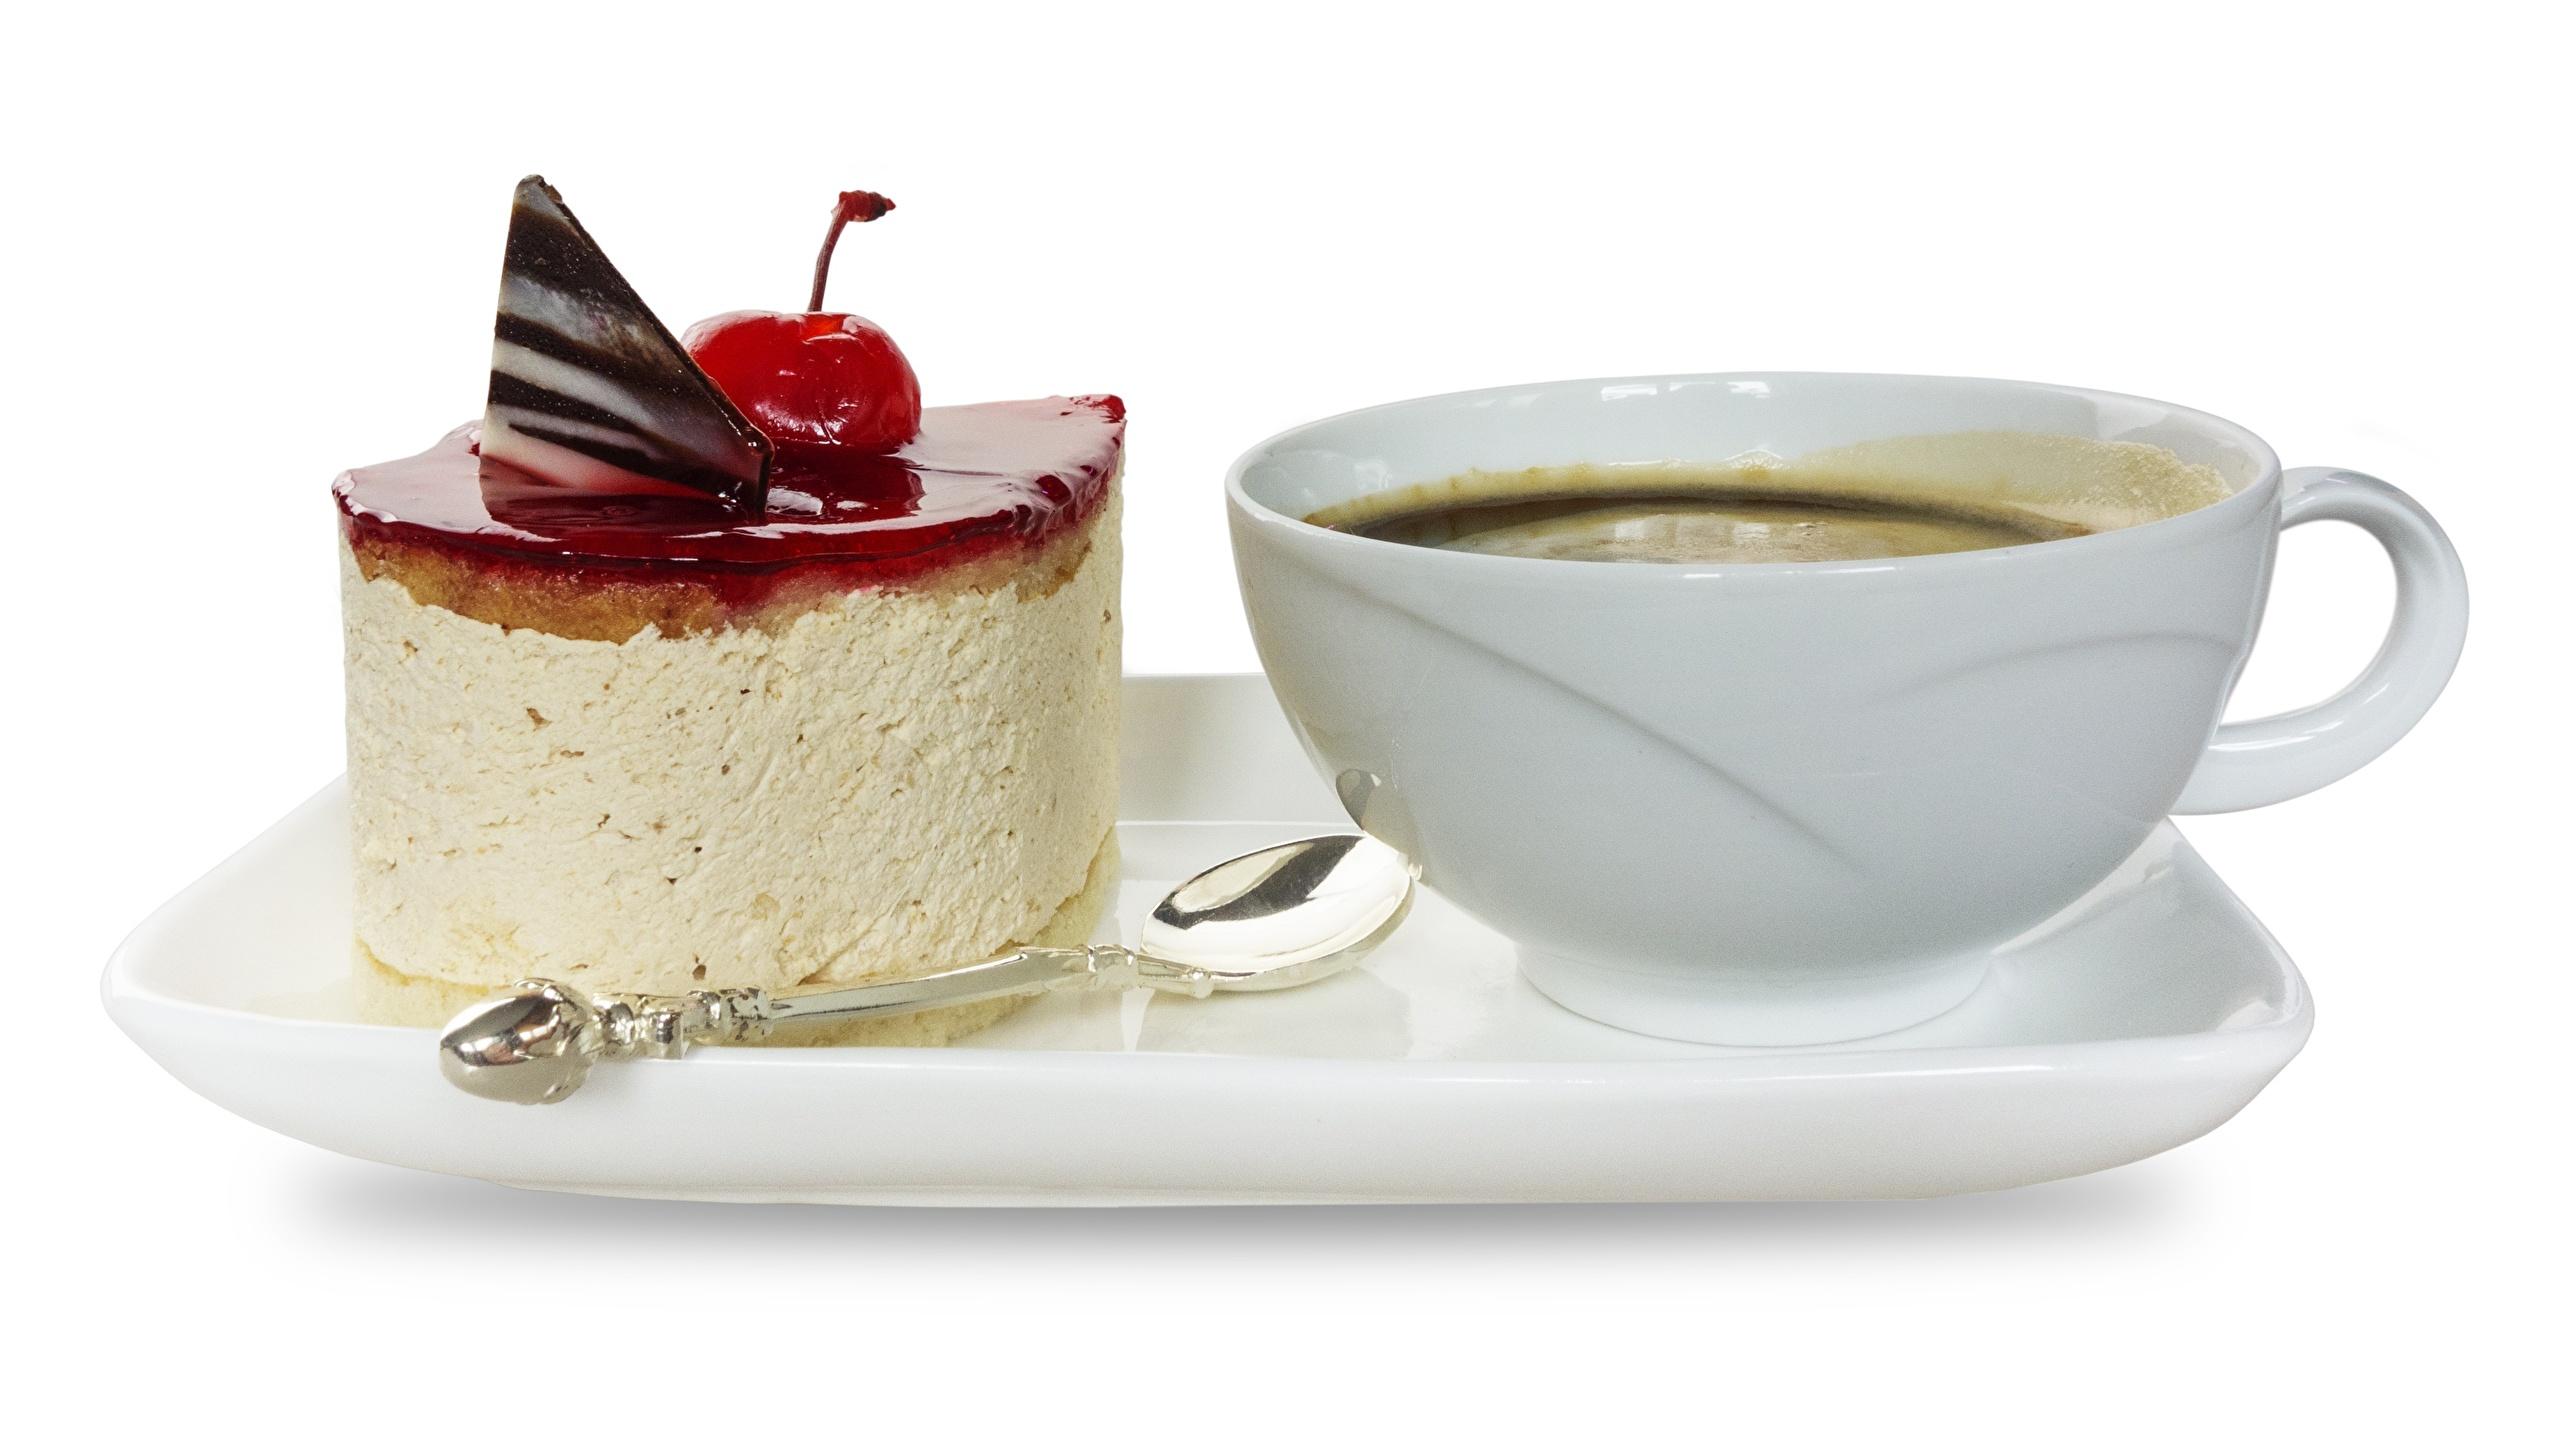 Обои Кофе Торты Завтрак Десерт Пища чашке Белый фон 2560x1440 Еда Чашка Продукты питания белом фоне белым фоном